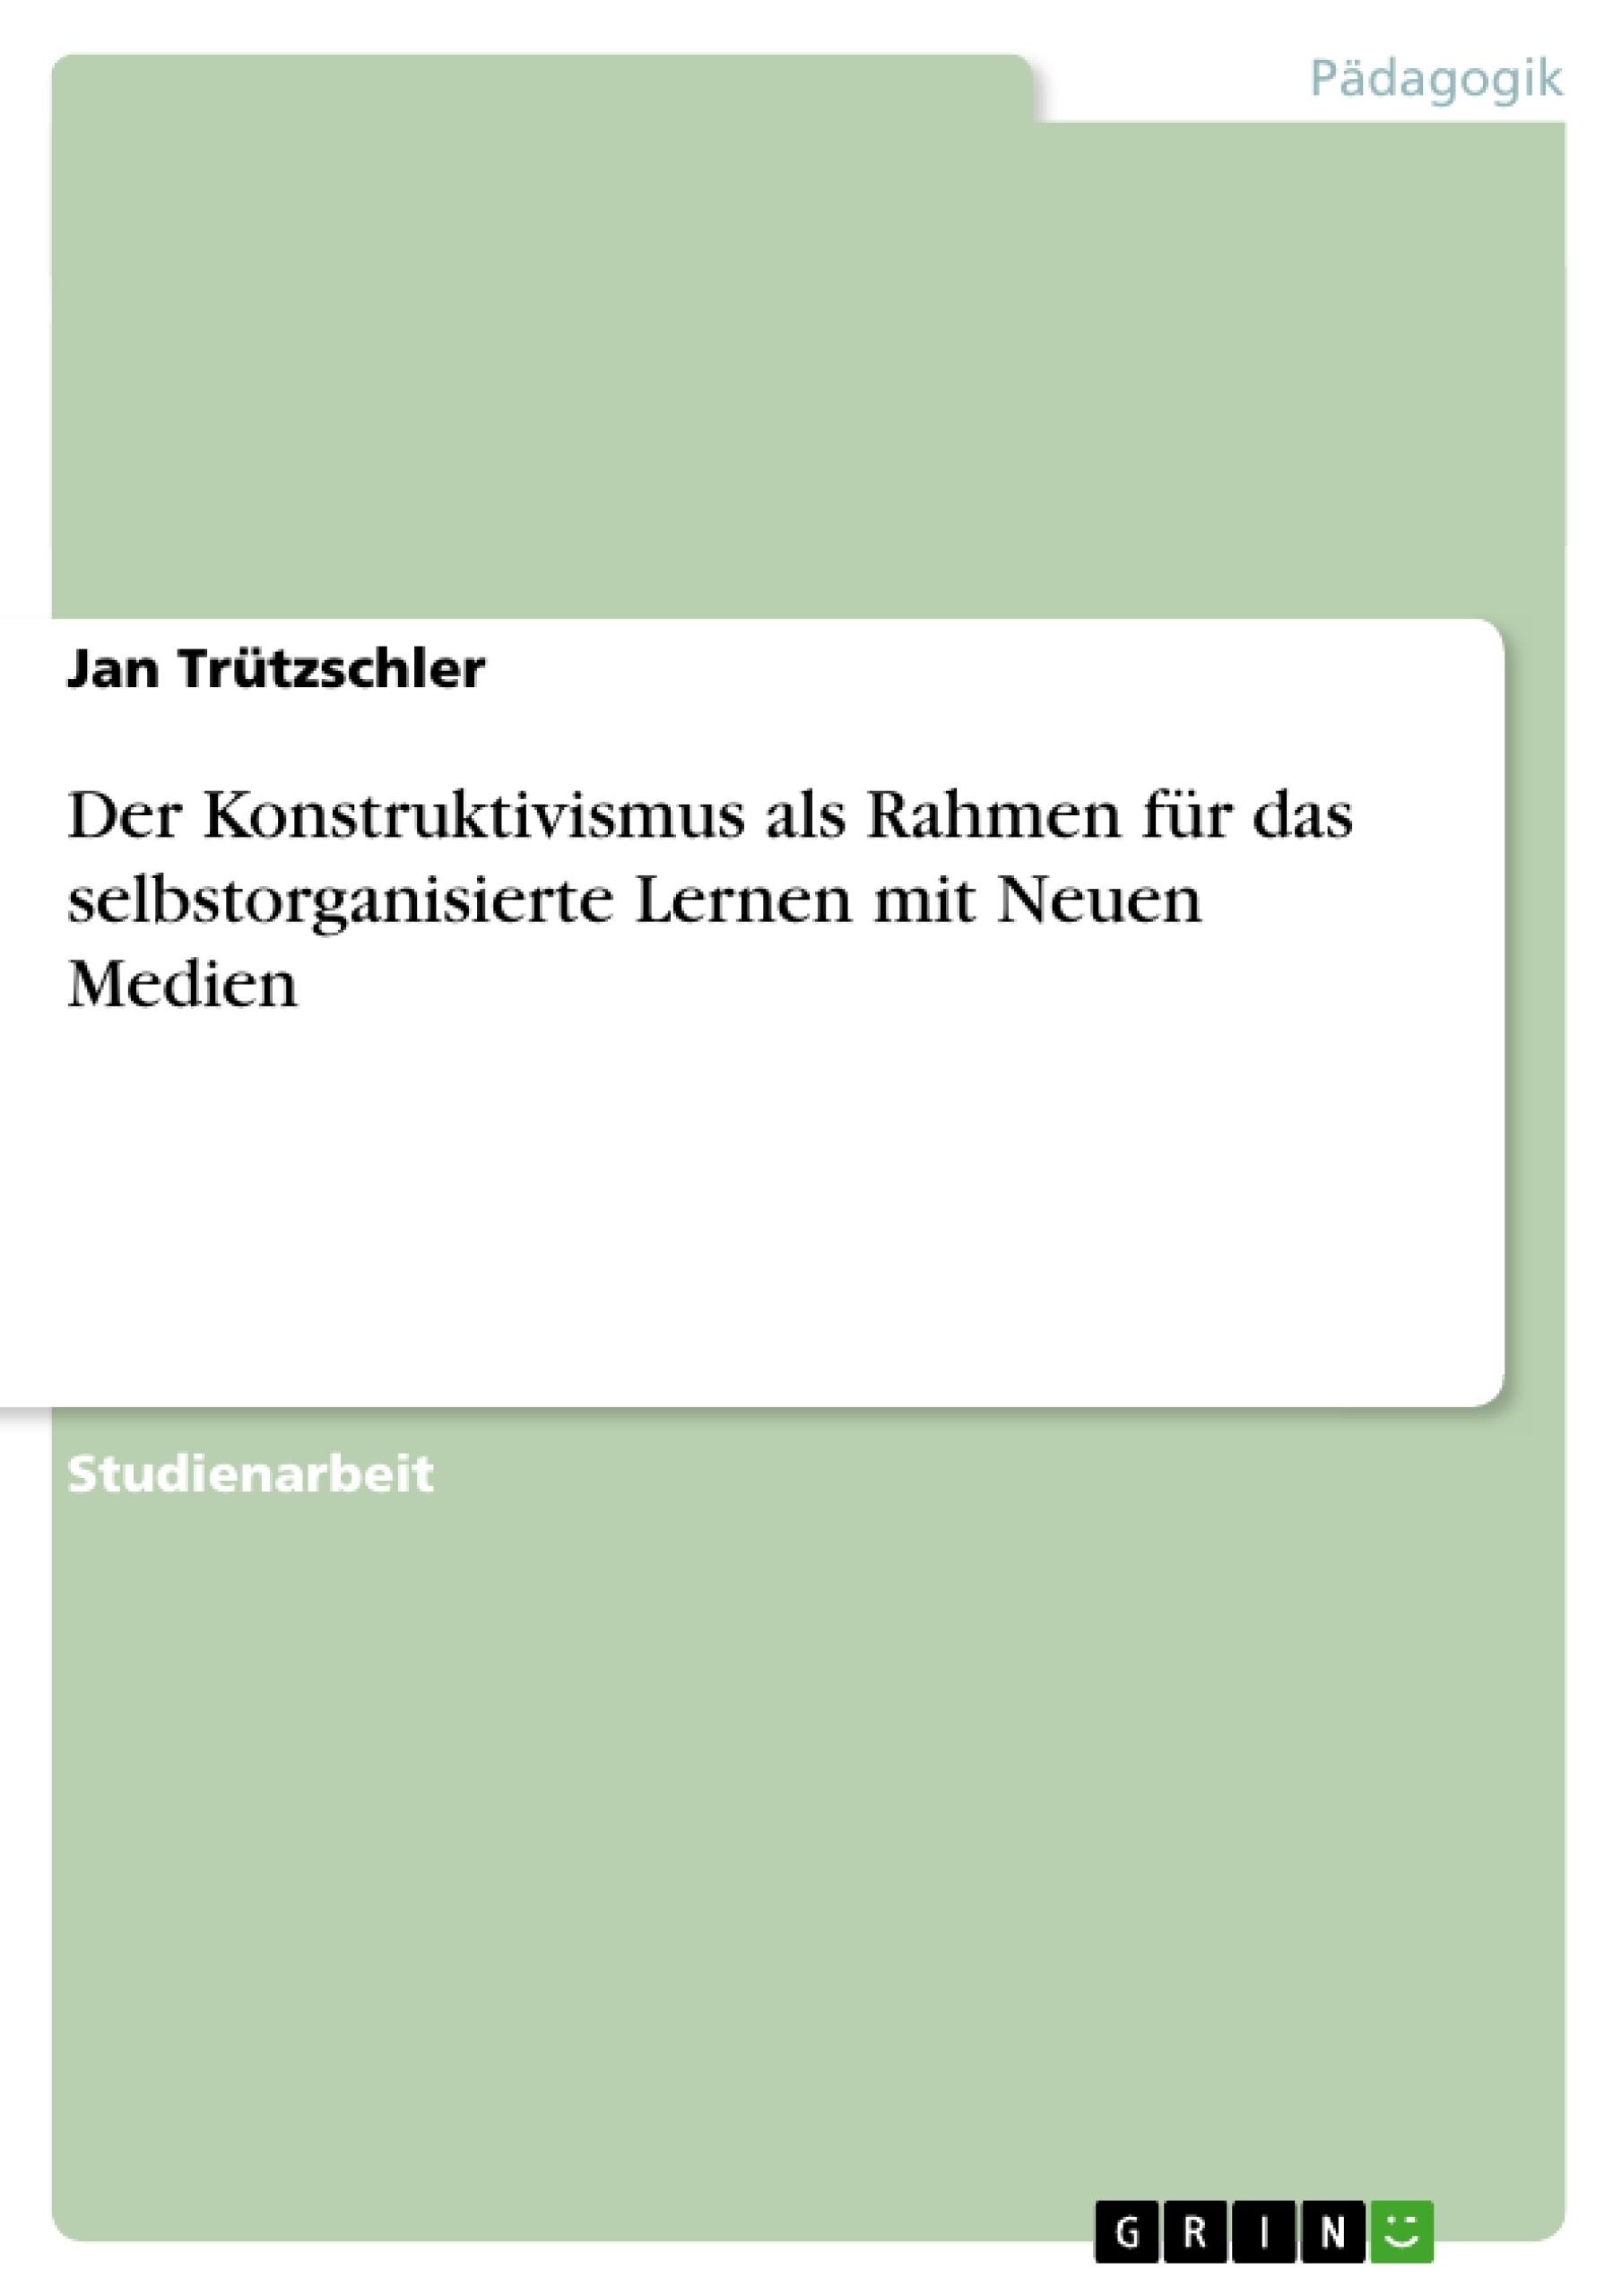 Titel: Der Konstruktivismus als Rahmen für das selbstorganisierte Lernen mit Neuen Medien